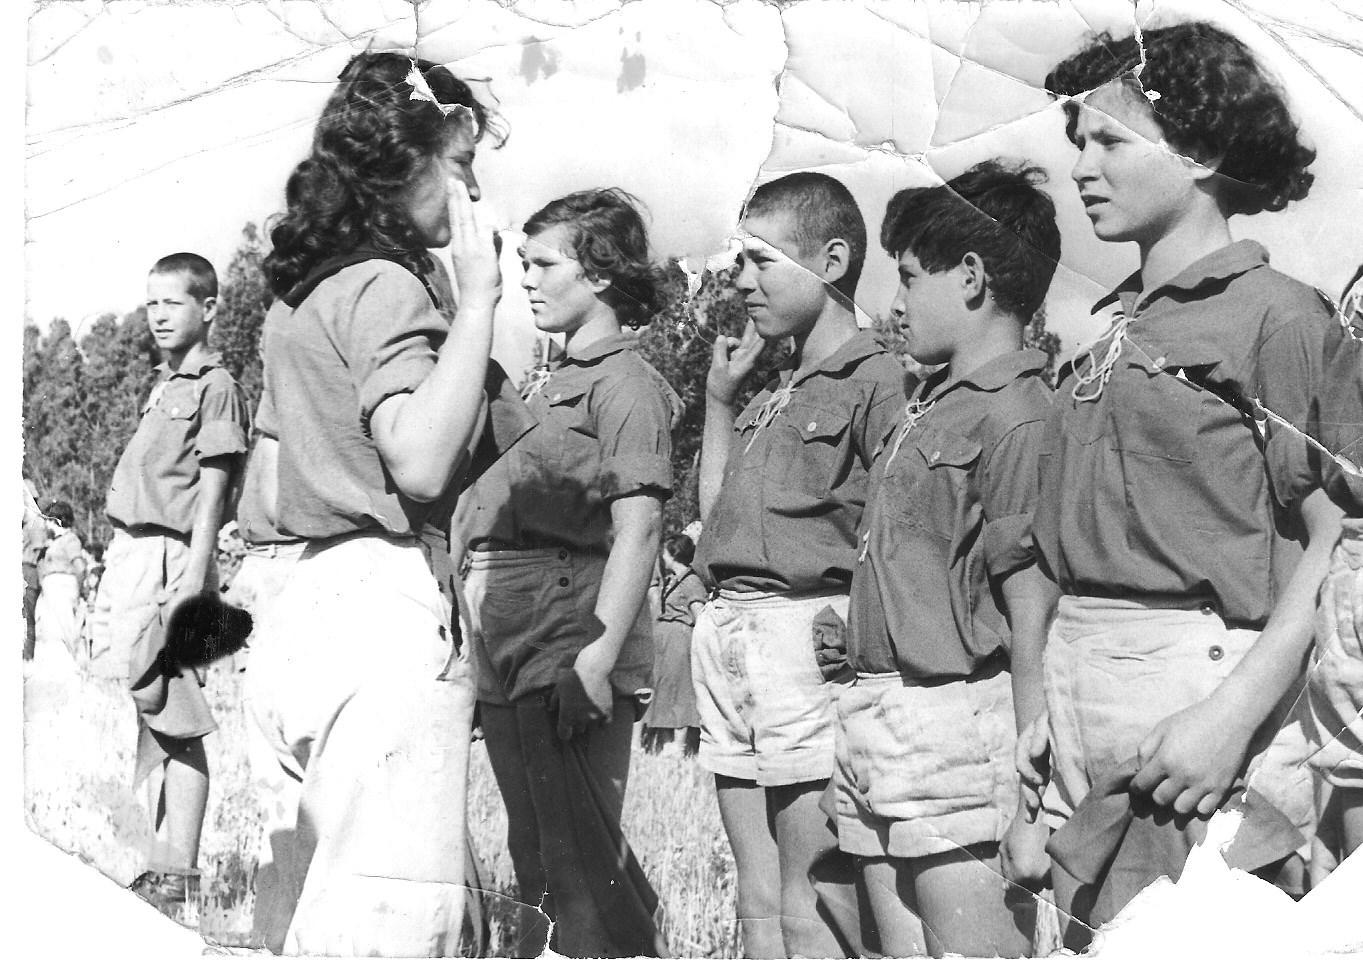 1951-2   המדריכה בתיה בשקה גולן מימין יהודה ספרן עזרא מרמלשטיין נעמי ארבל ויוסי גילאי